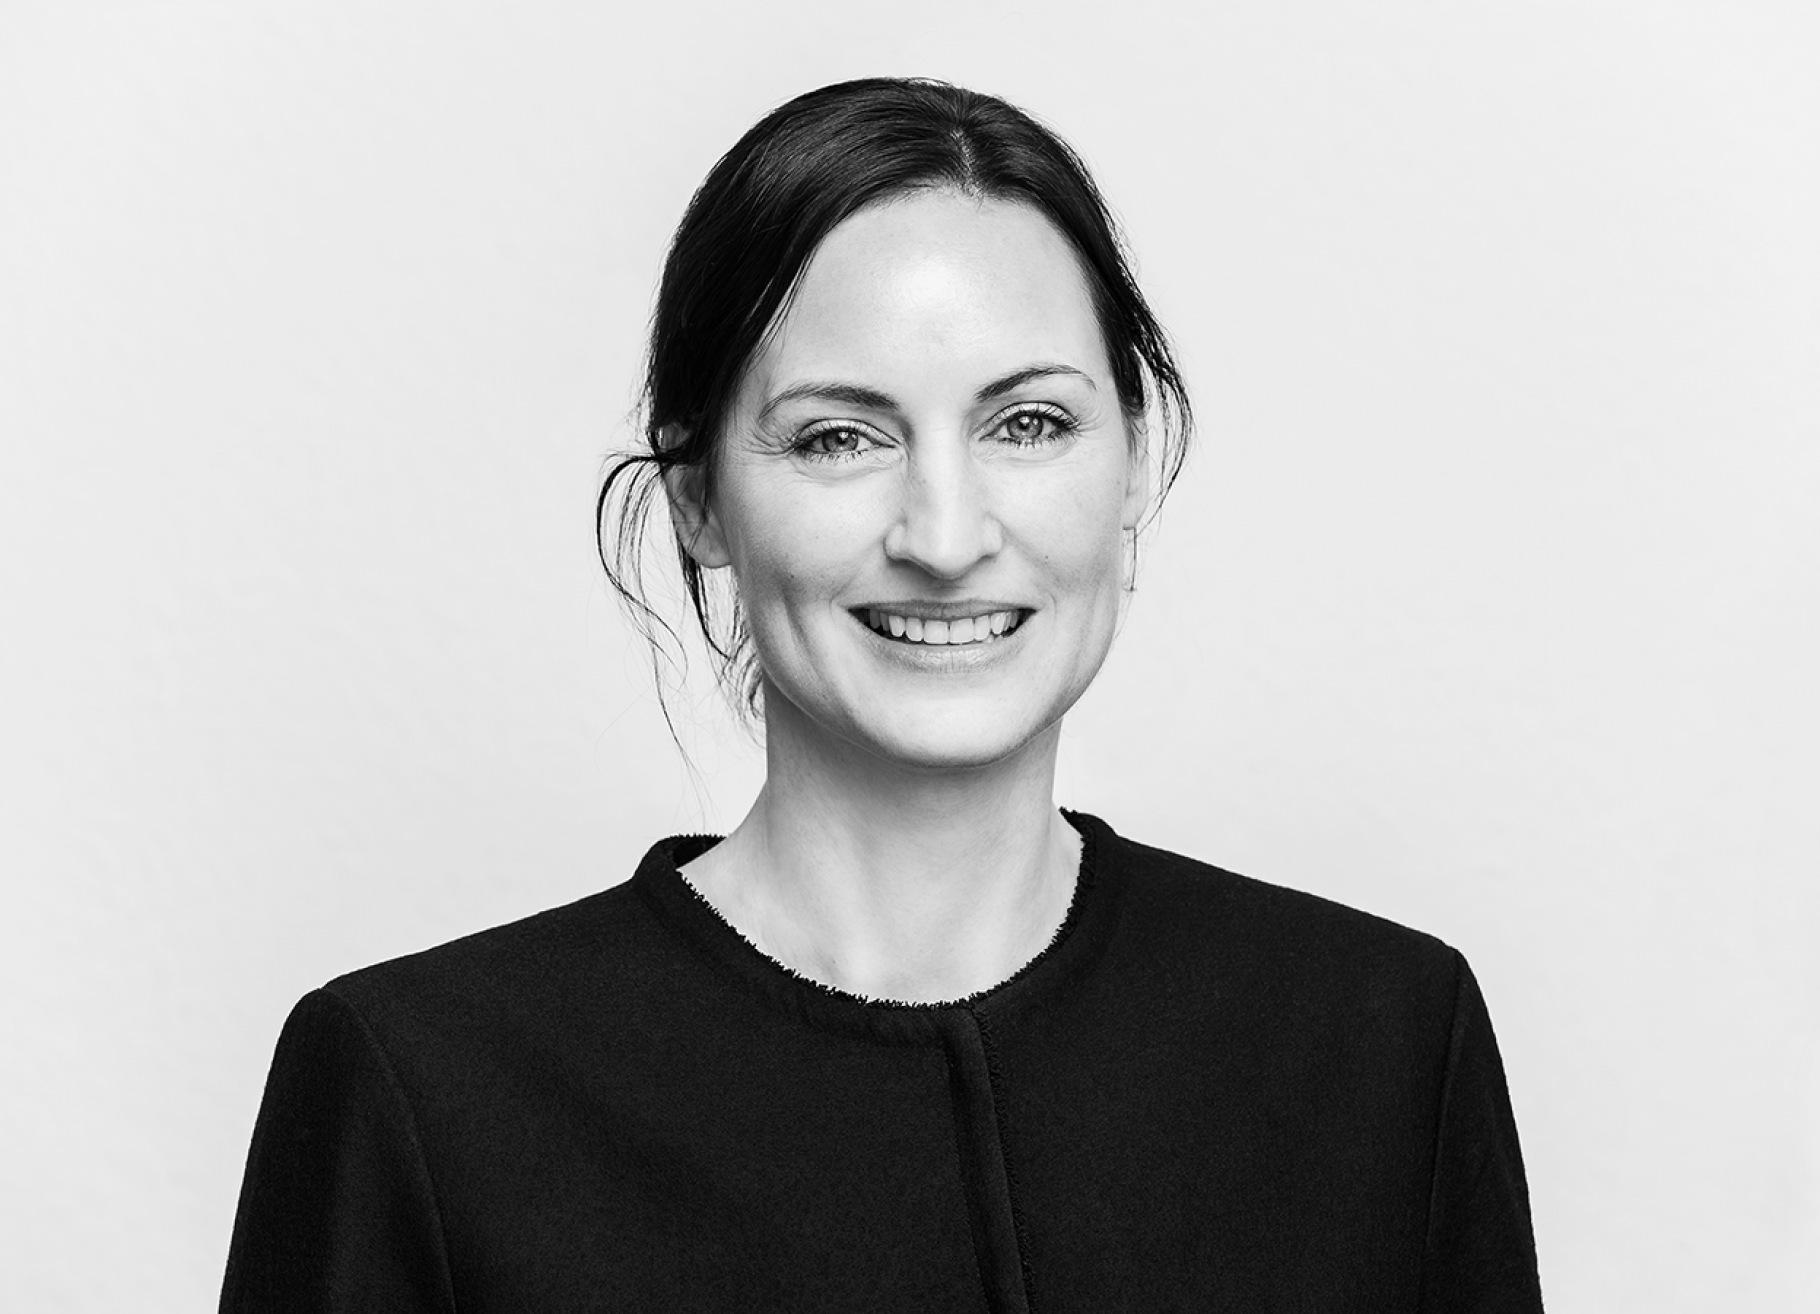 Susanne Runge